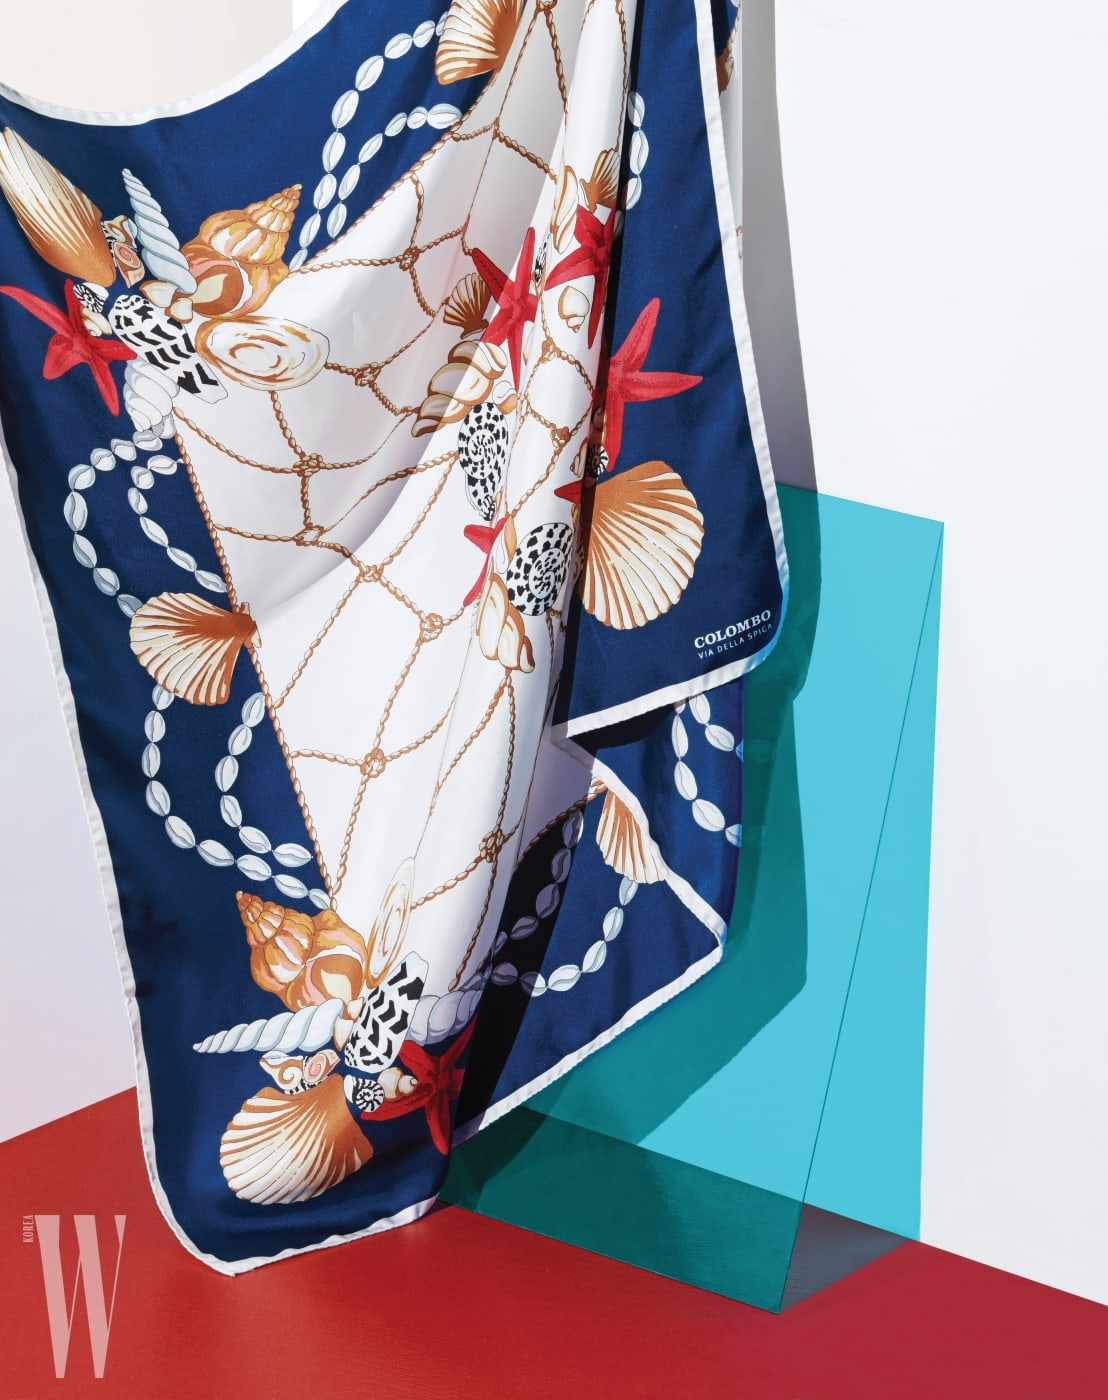 5. 조개와 불가사리 무늬가 시원해 보이는 스카프는 콜롬보 비아델라스피가 제품. 가격 39만8천원.